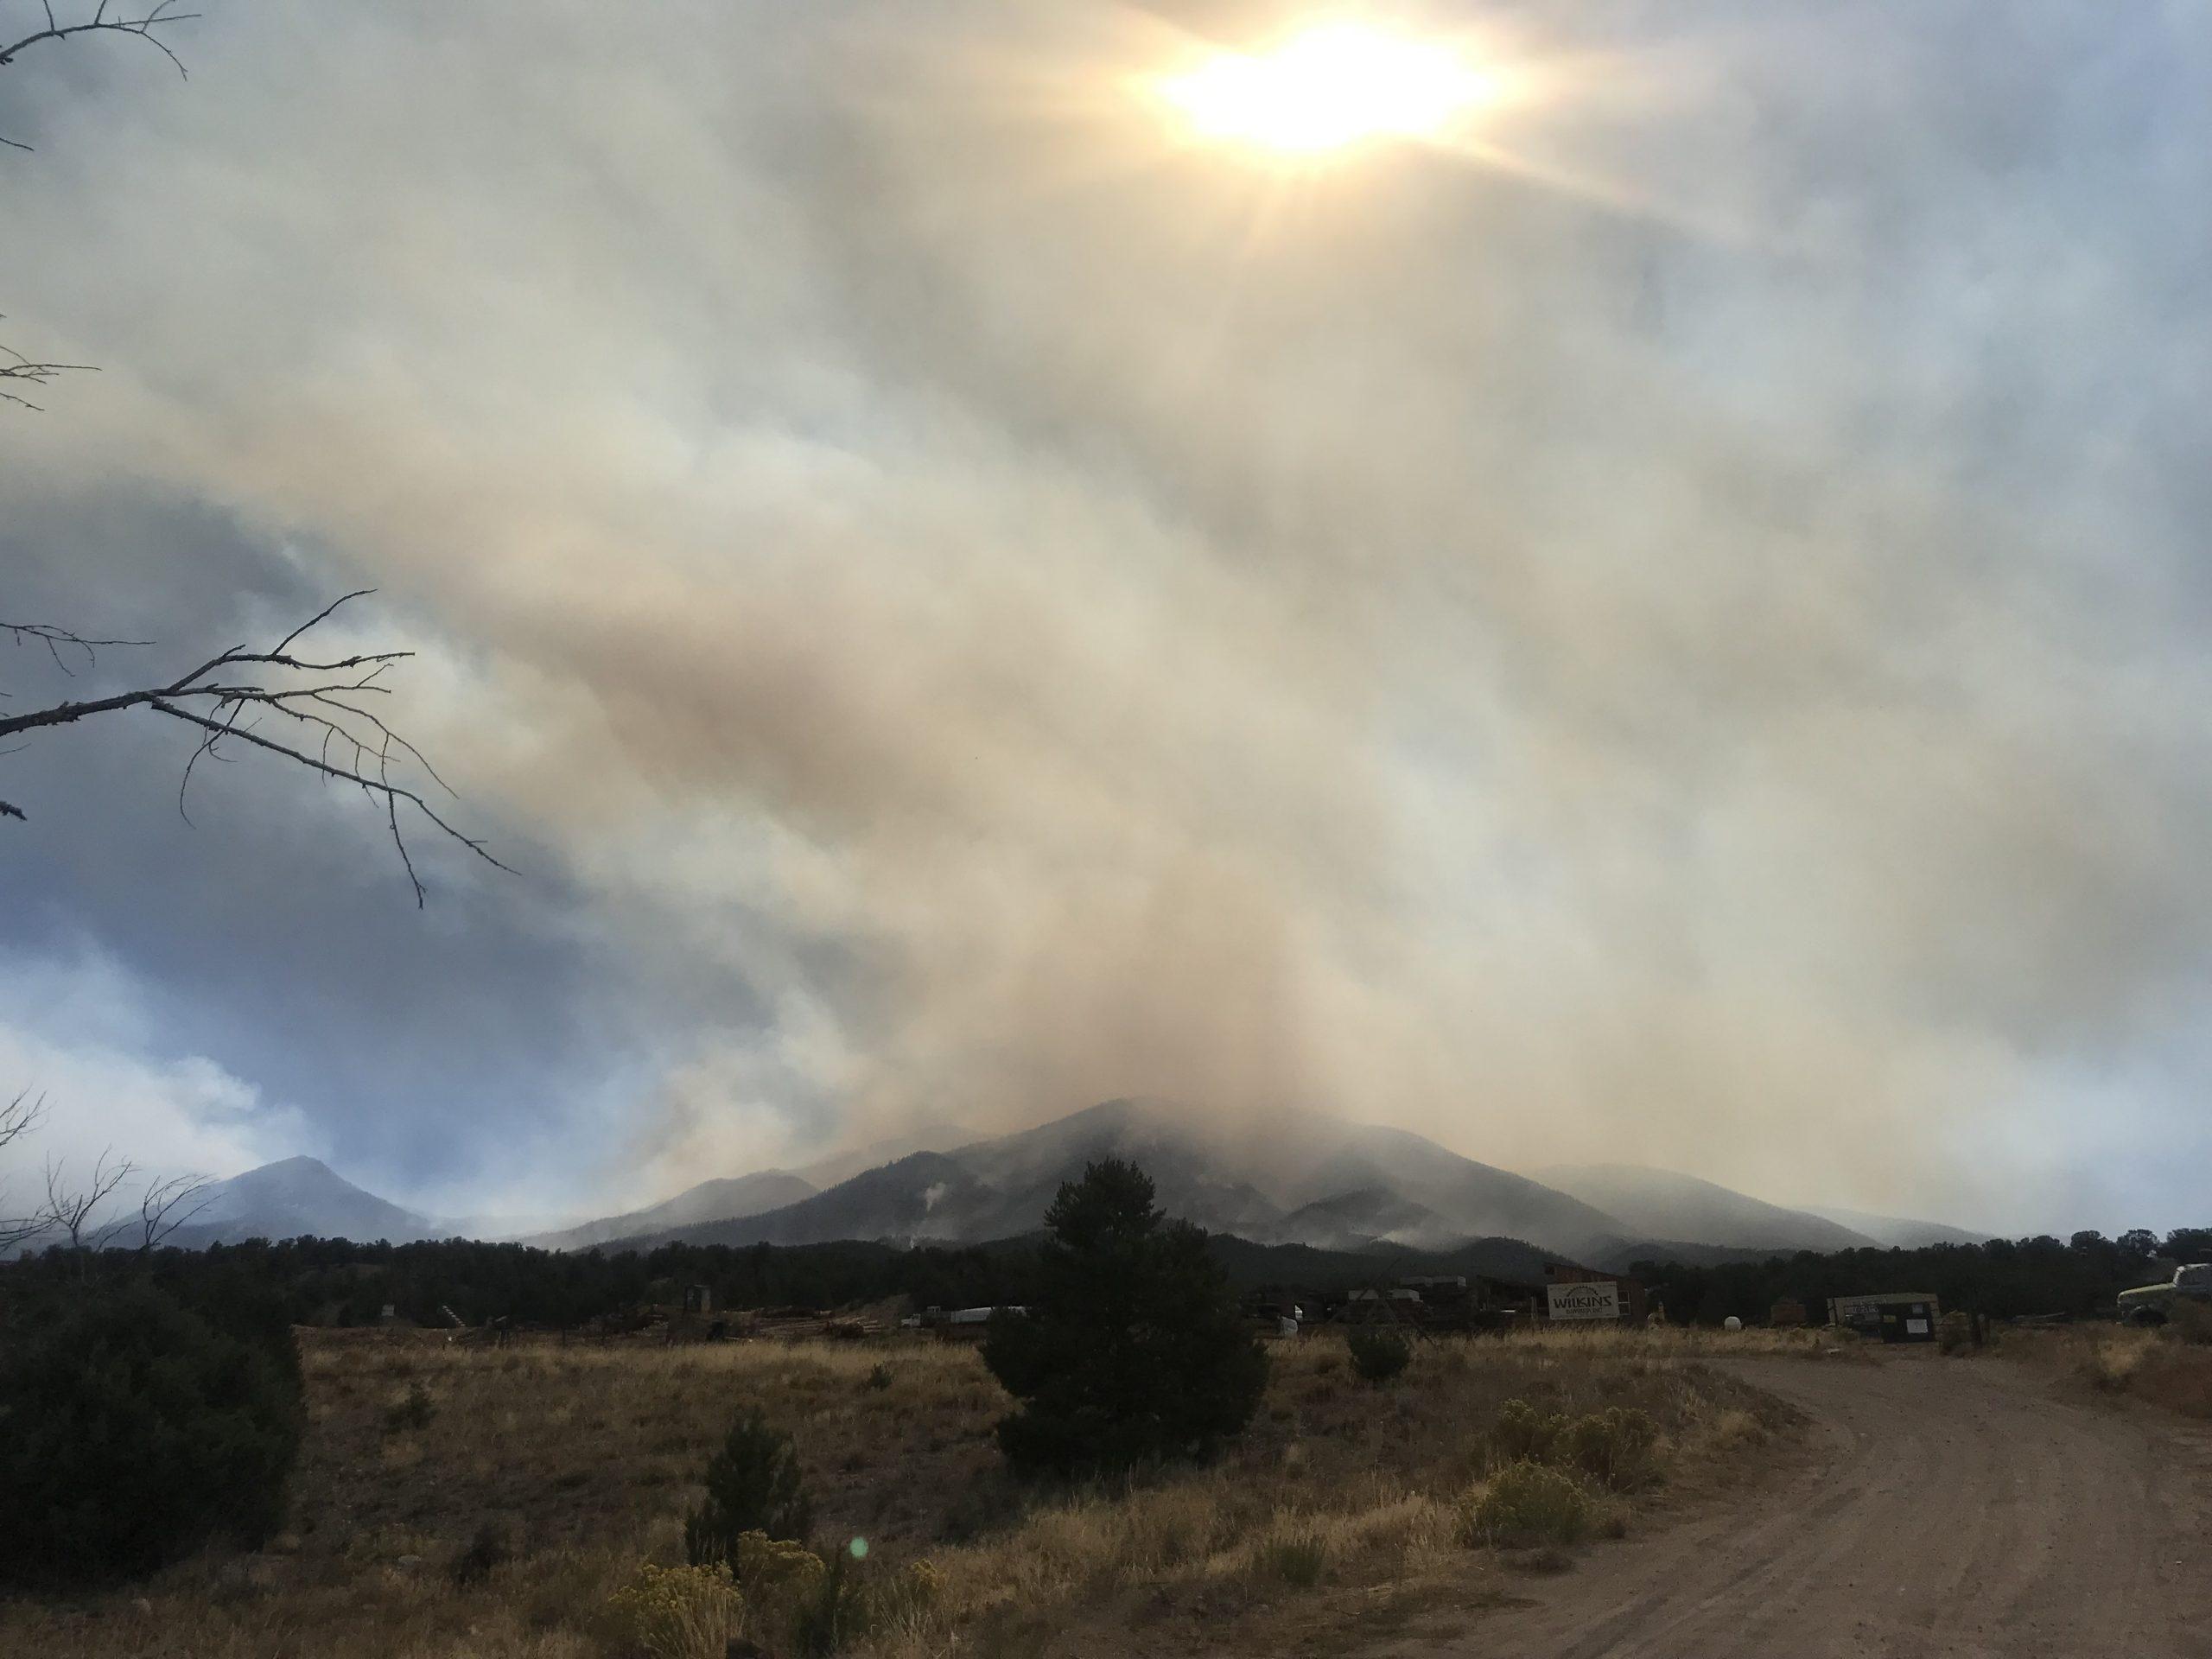 Heavy smoke from the Decker Fire visible near Natrop, Colo. Photo taken Thursday, October 3, 2019.